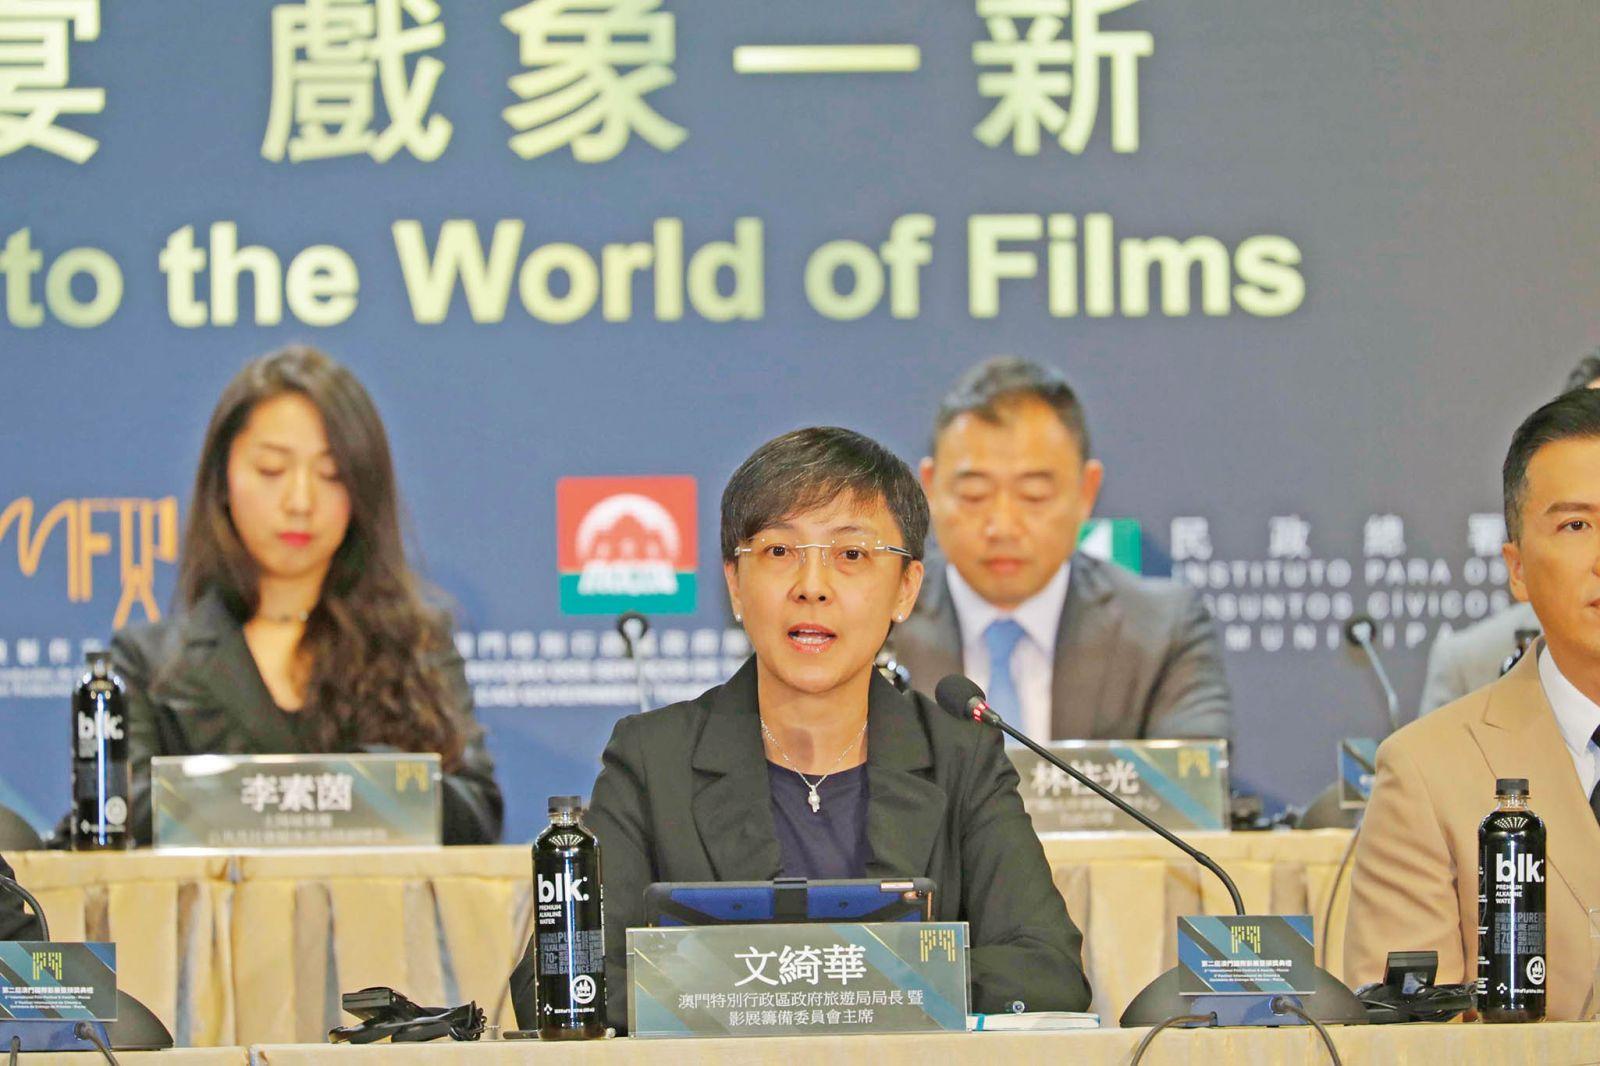 第二屆澳門國際影展 下月8-14日舉行